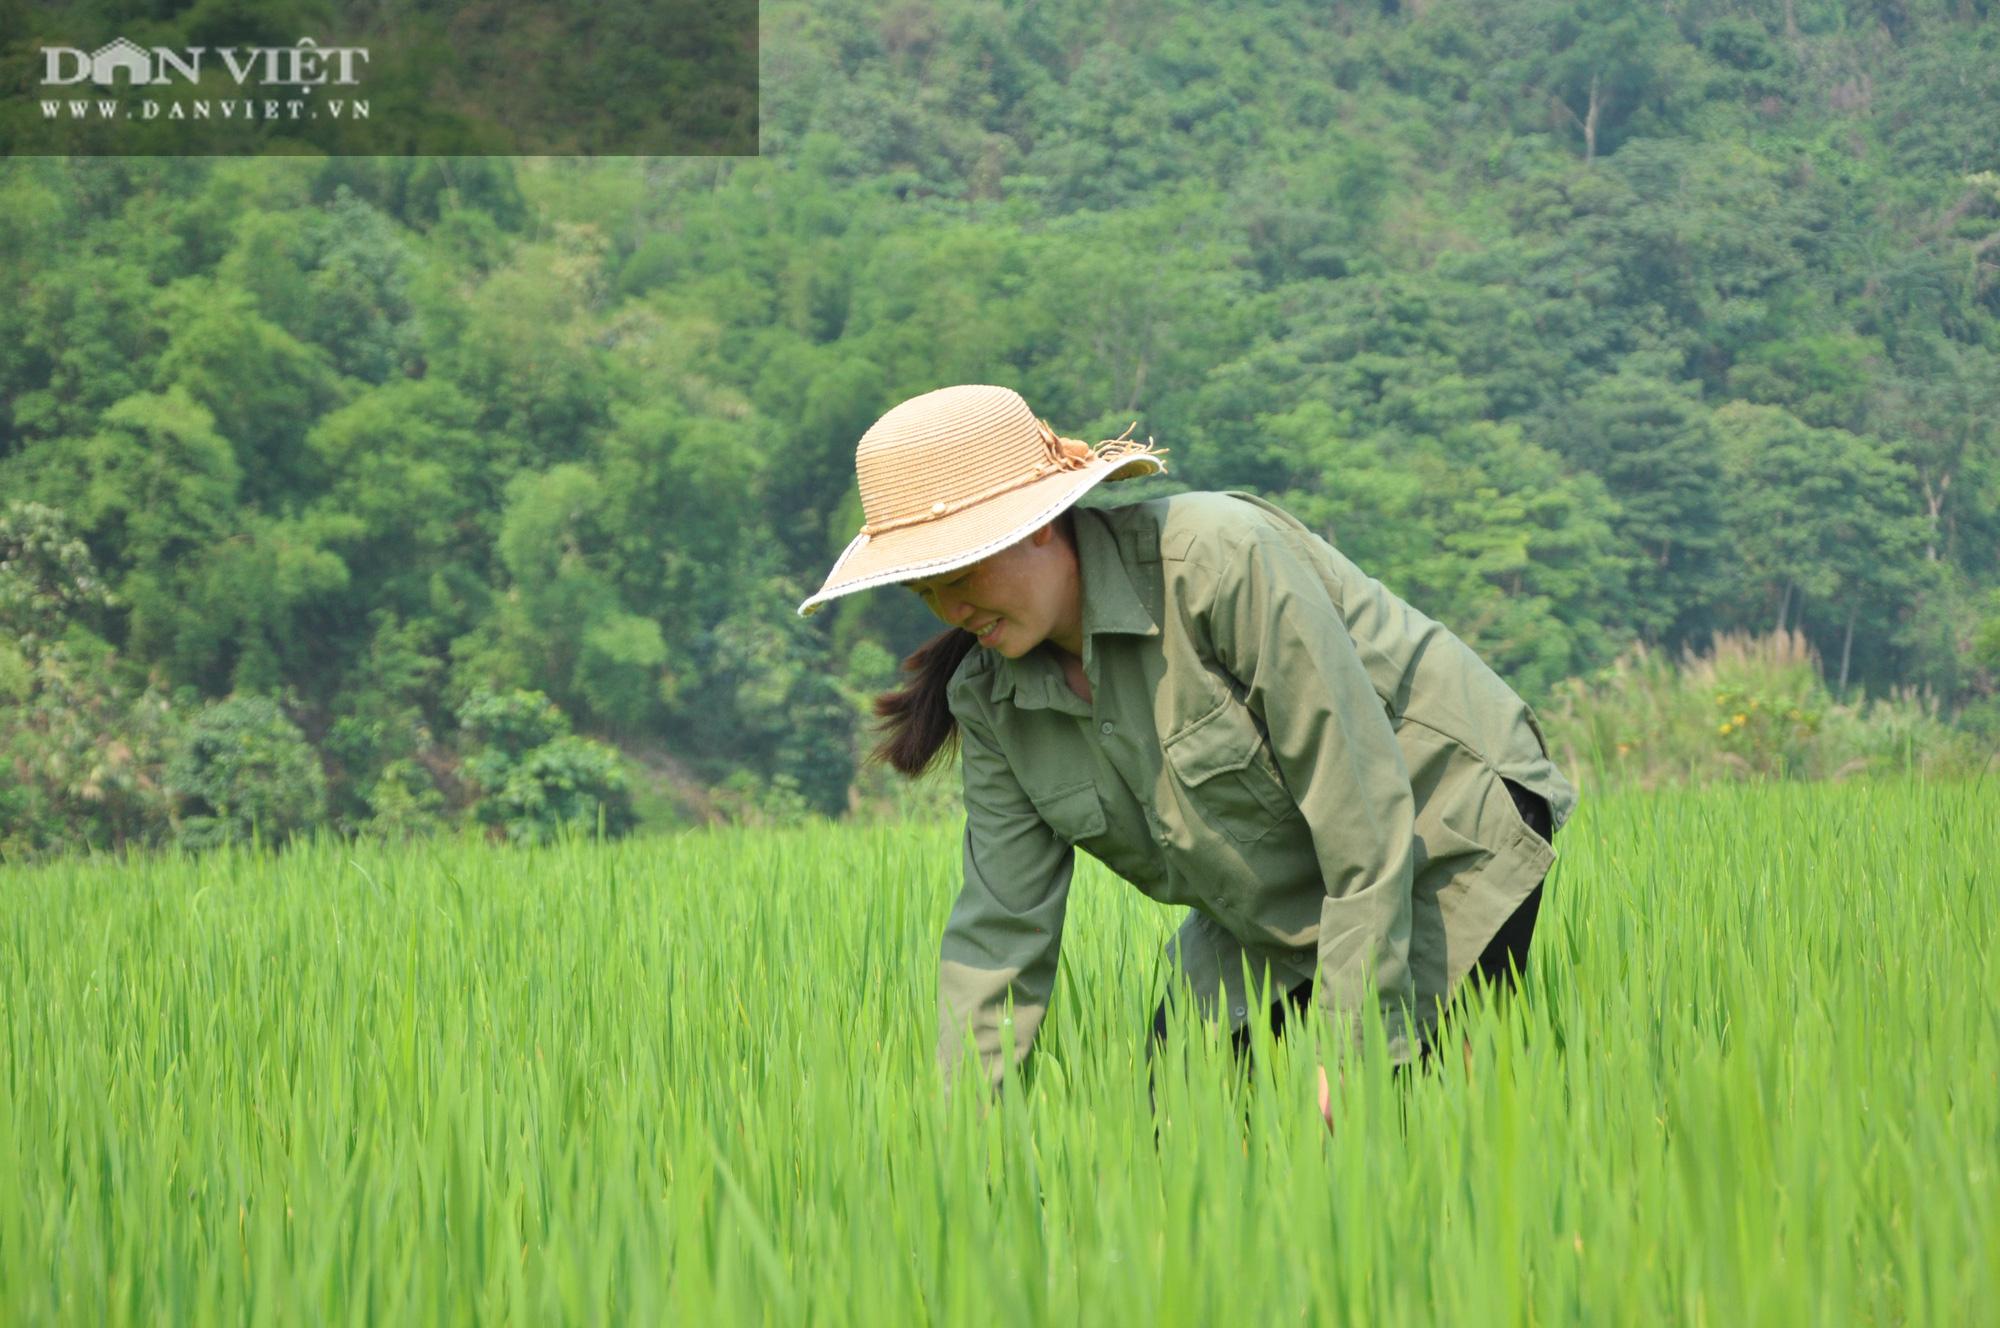 """Chủ tịch Hội Nông dân Việt Nam """"mách nước"""" giúp dân Lai Châu sản xuất lúa theo tiêu chuẩn quốc tế - Ảnh 4."""